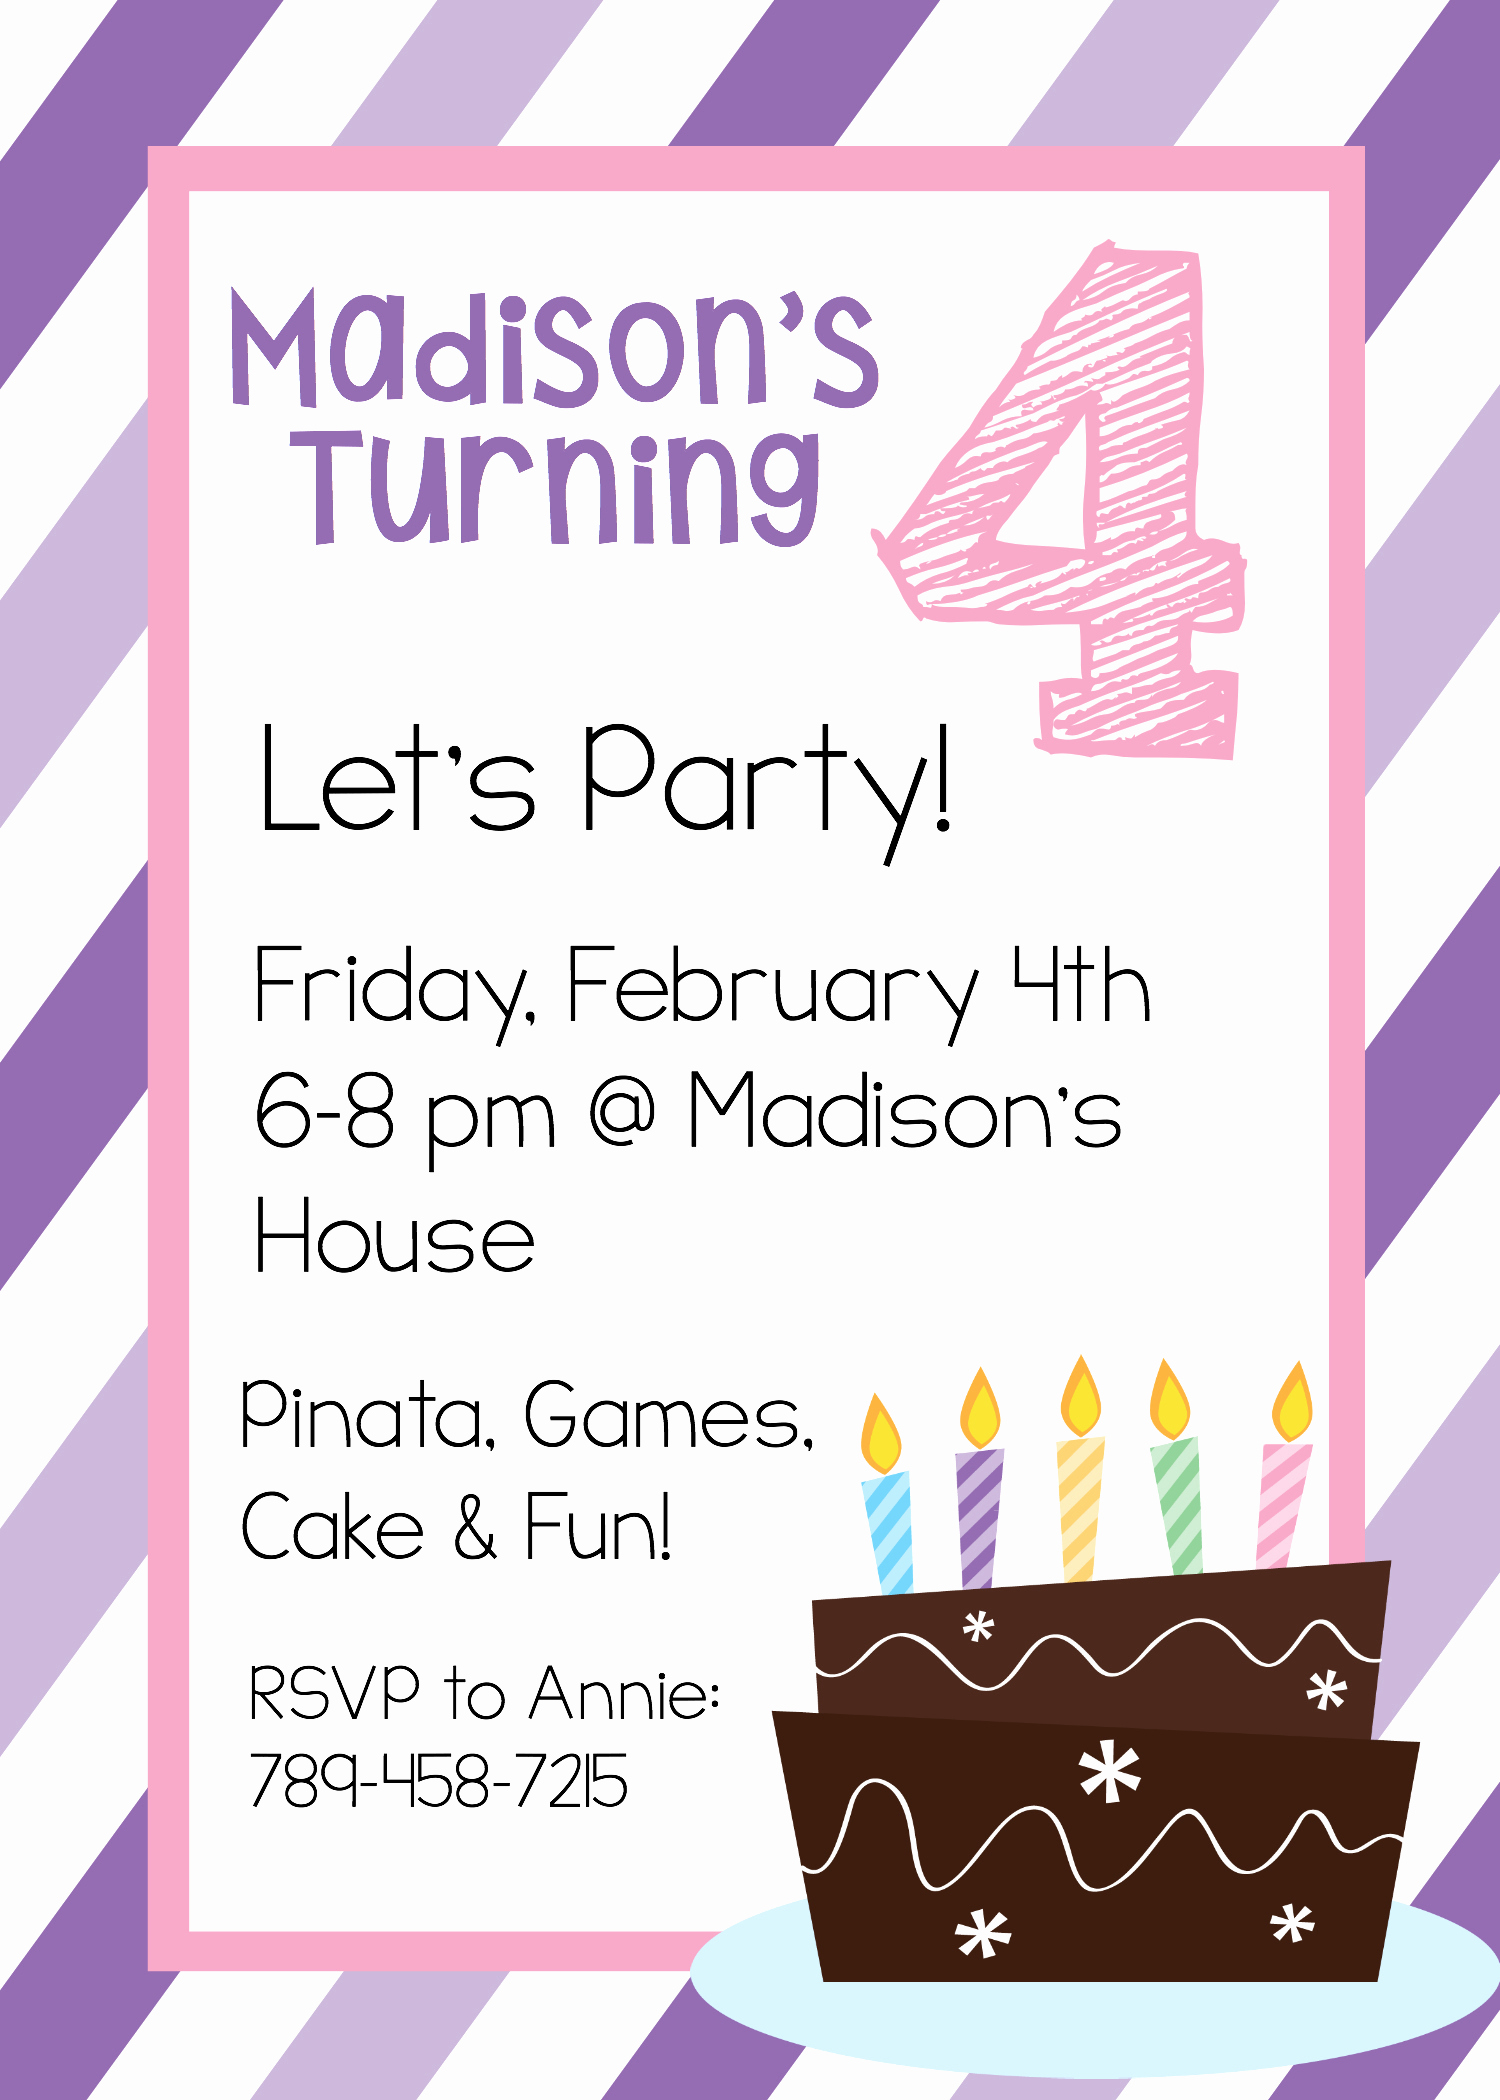 Free Printable Invitations Templates Luxury Free Printable Birthday Invitation Templates